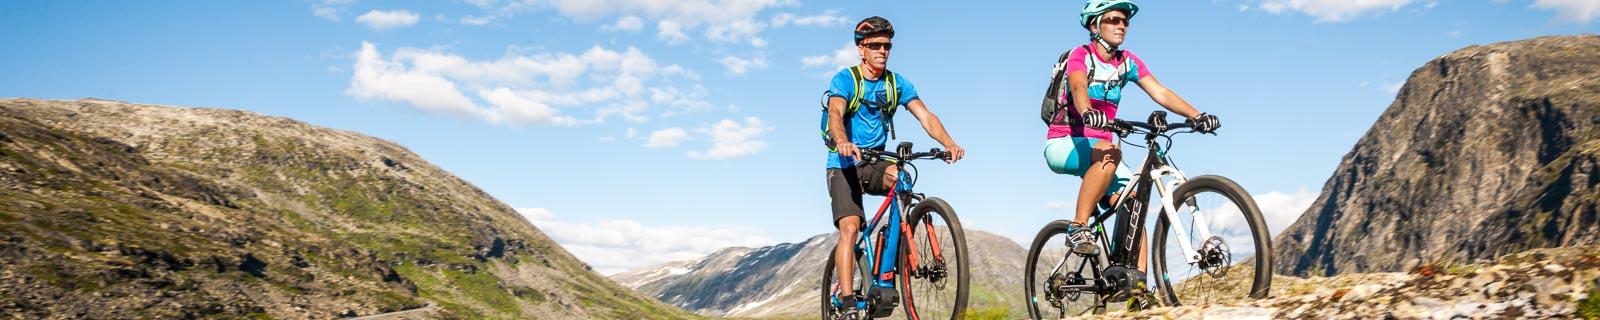 E-Bikes ab 1.679 € - Nur so lange der Vorrat reicht